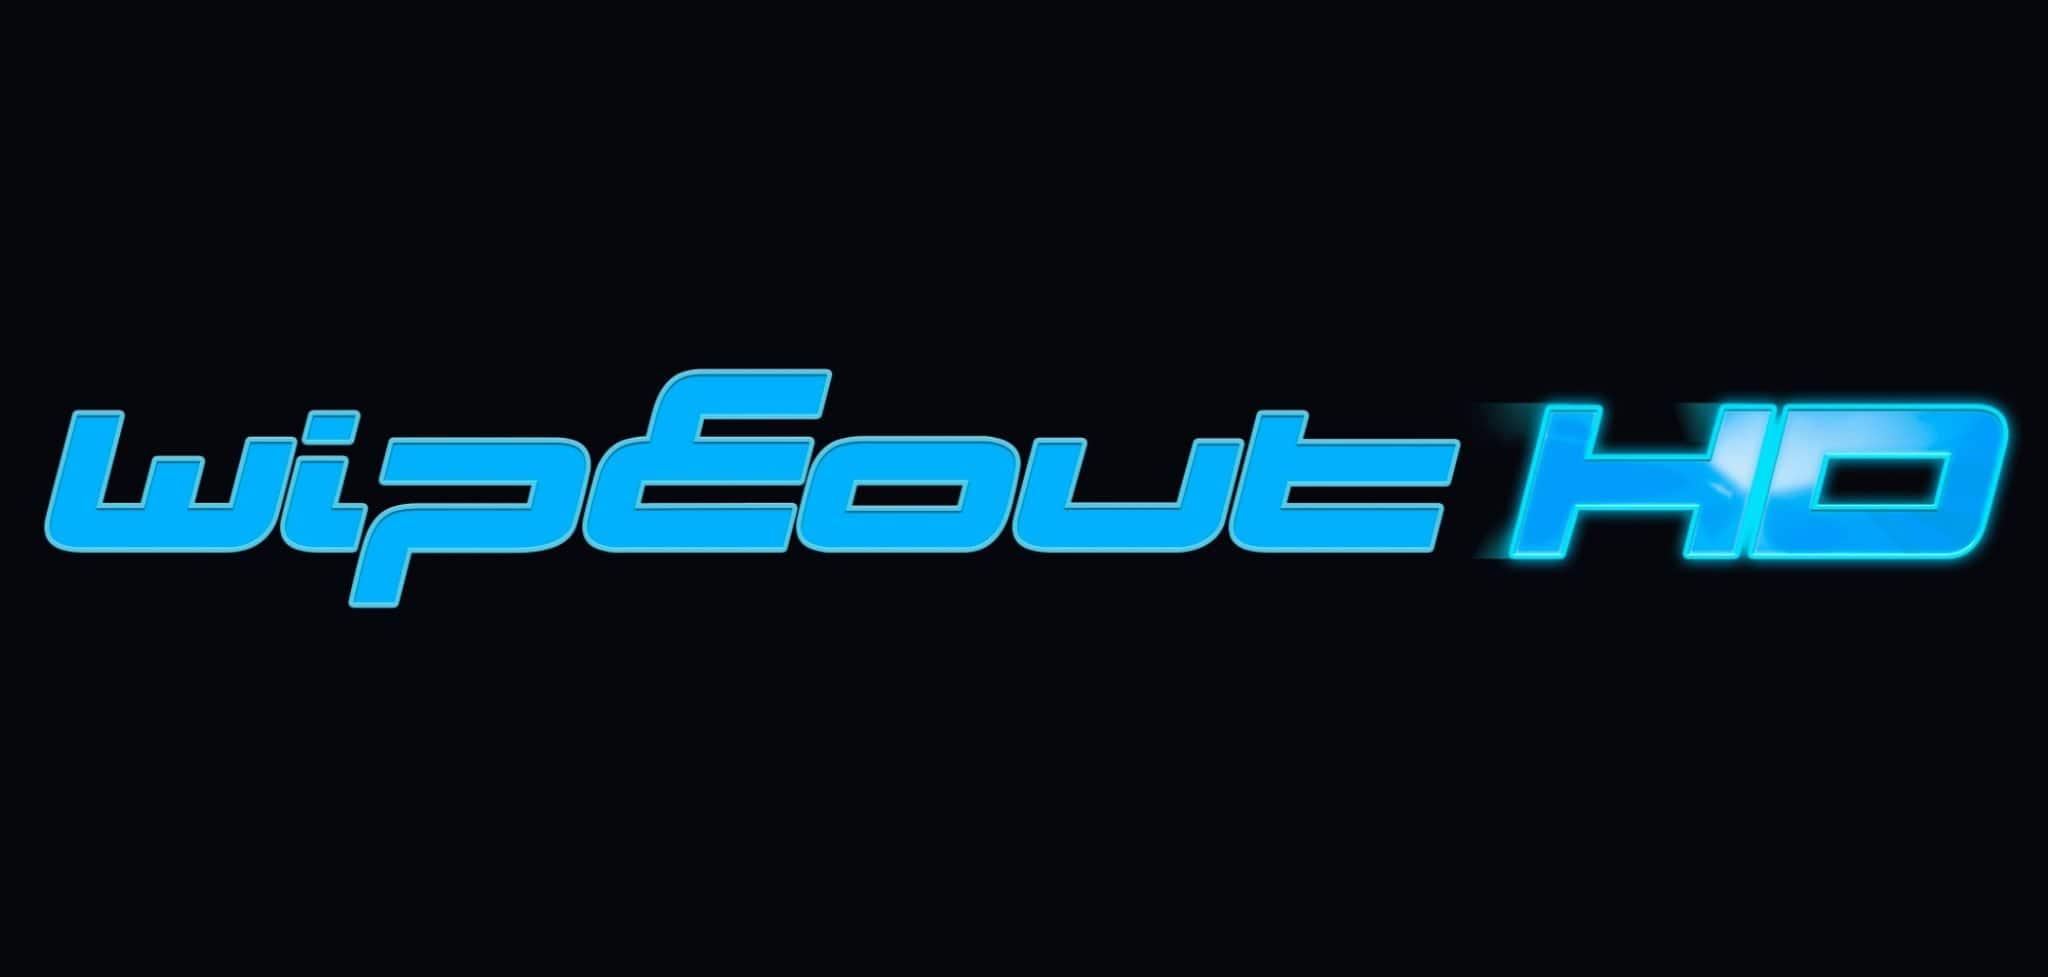 Wipeout HD logotype